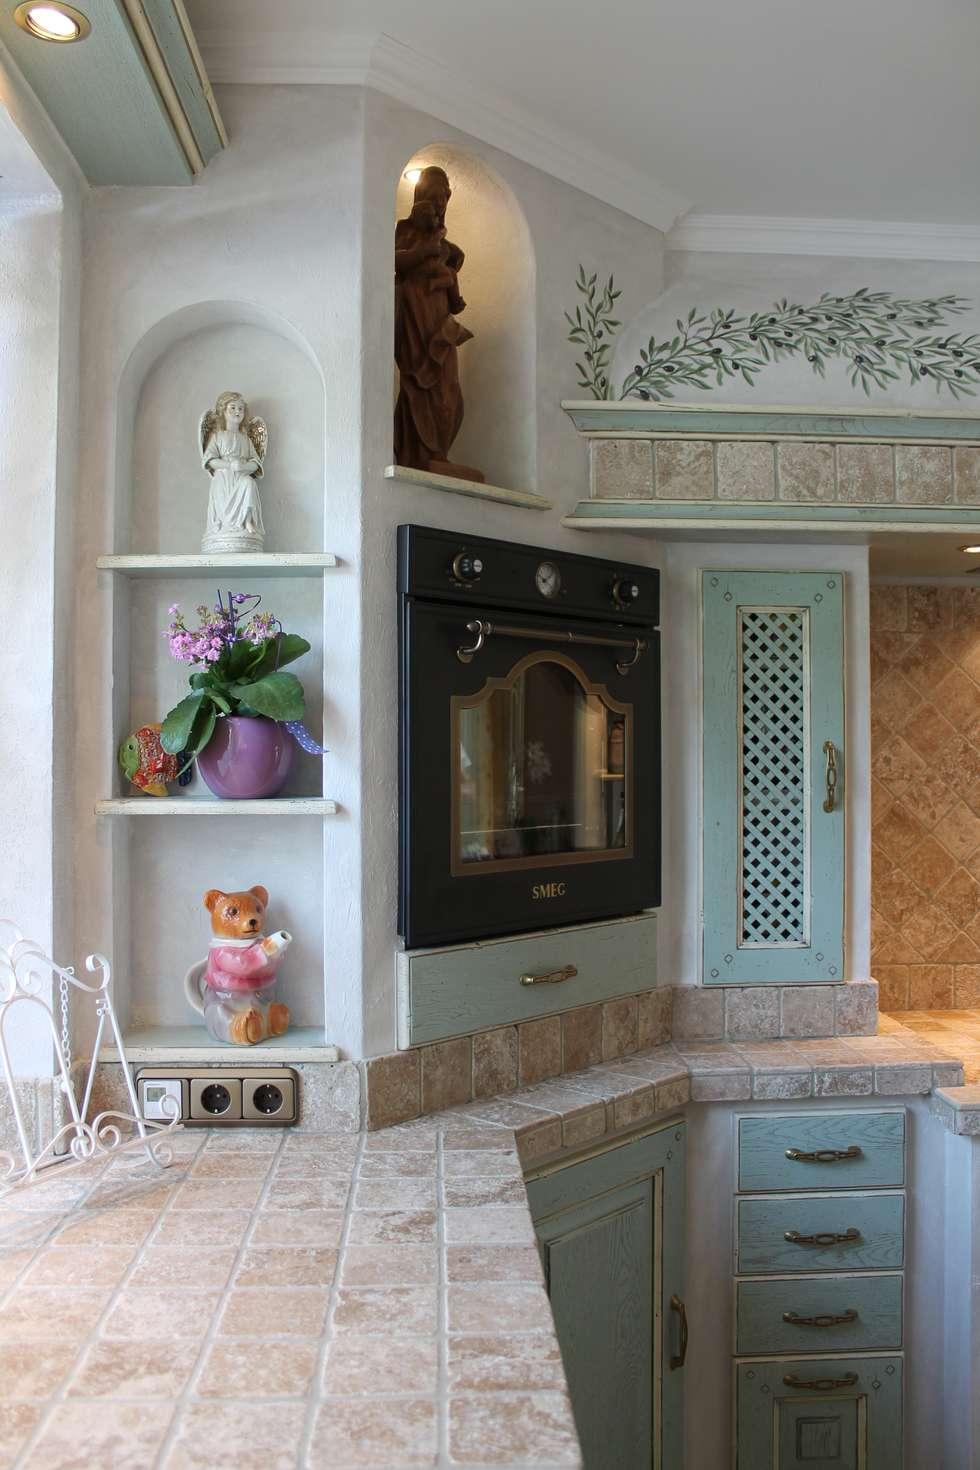 Faszinierend Küche Mediterran Das Beste Von Villa Medici Mediterrane Küche Avignon Hellblau Weiß: